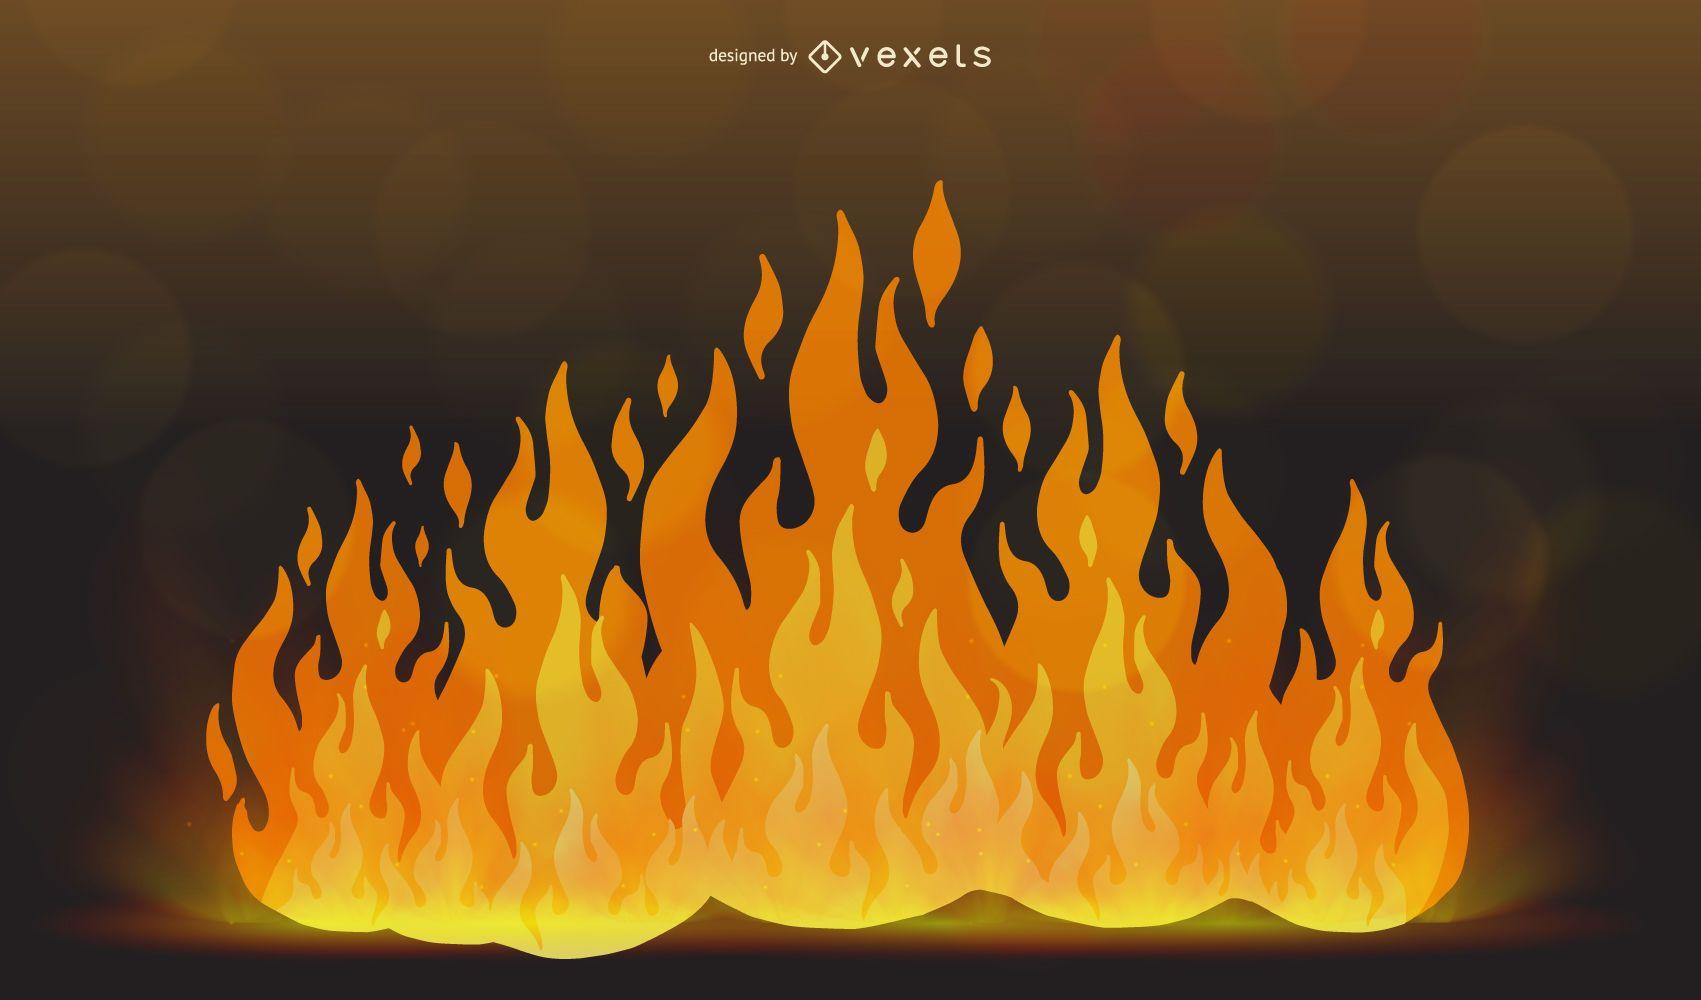 big flames illustration design